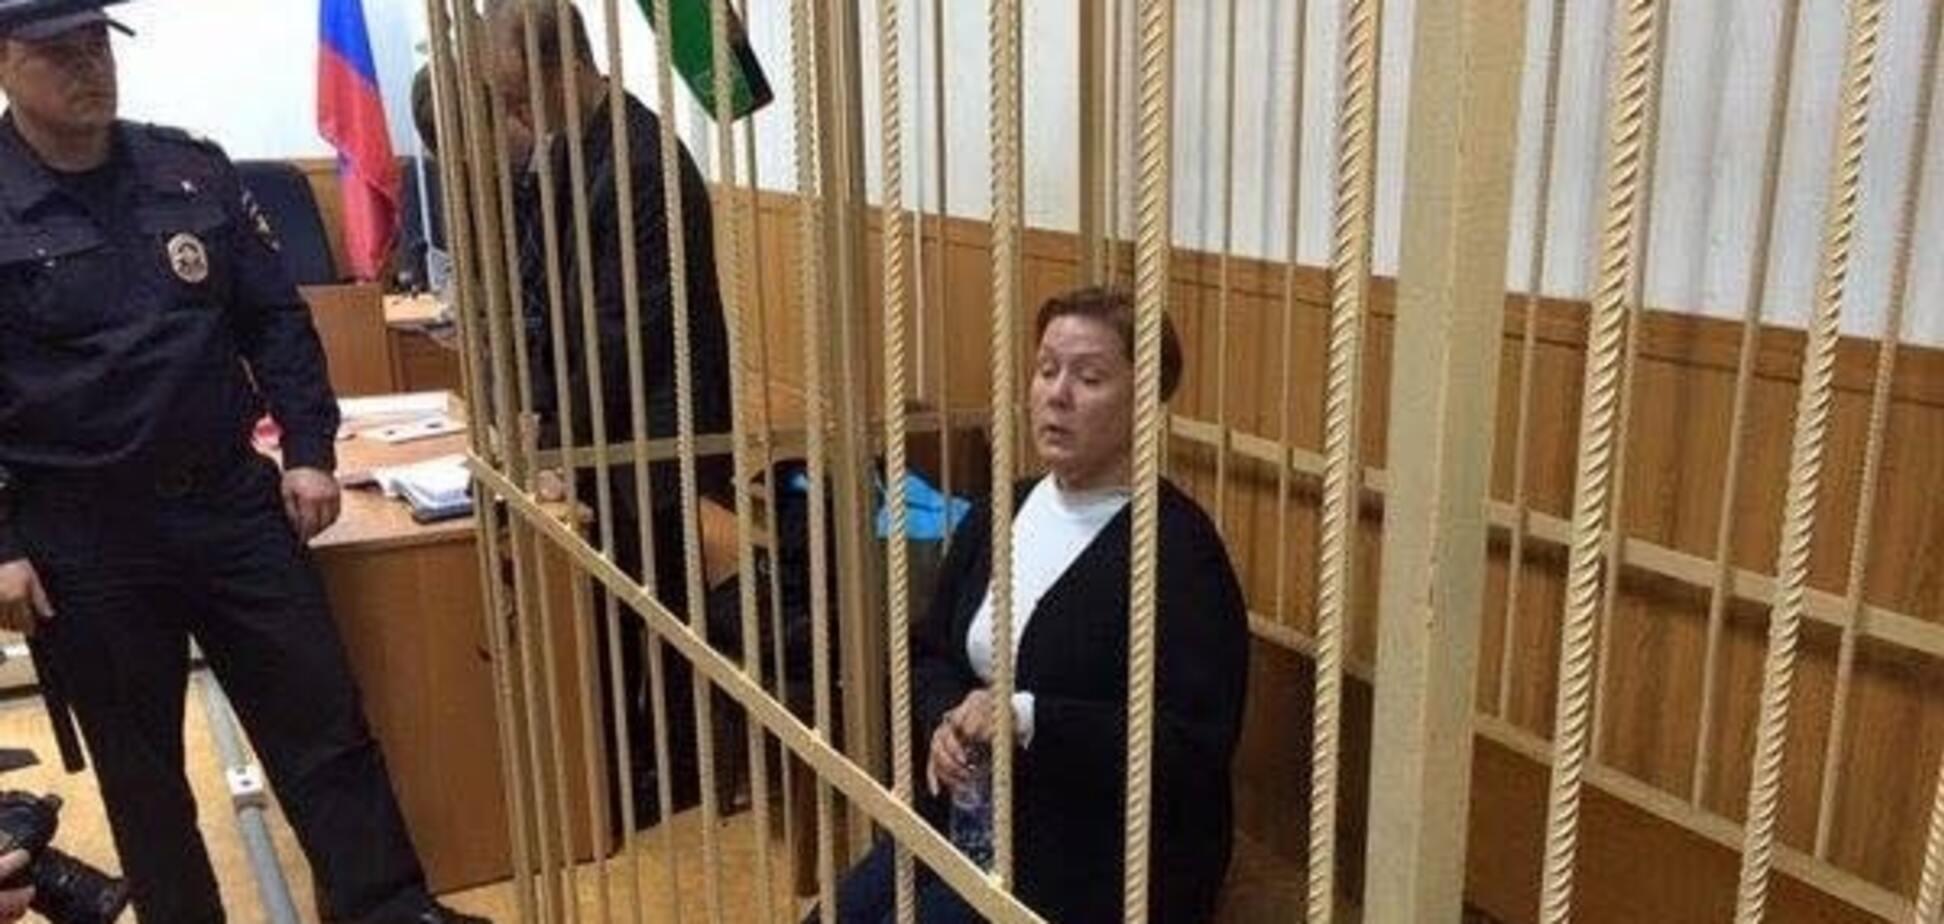 Суд поместил под домашний арест директора Украинской библиотеки в Москве